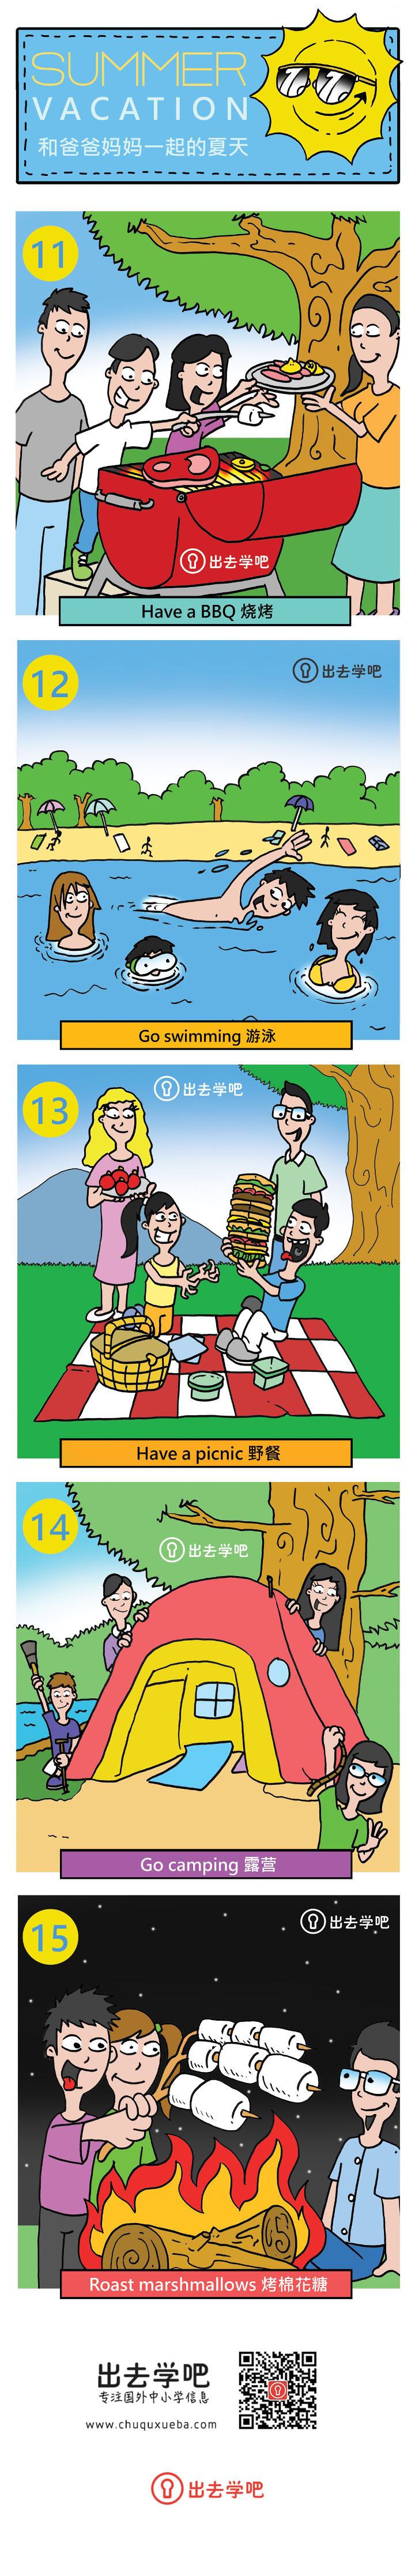 孩子们在暑假可以和爸爸妈妈一起参与的5个活动:烧烤、游泳、野餐、露营、烤棉花糖